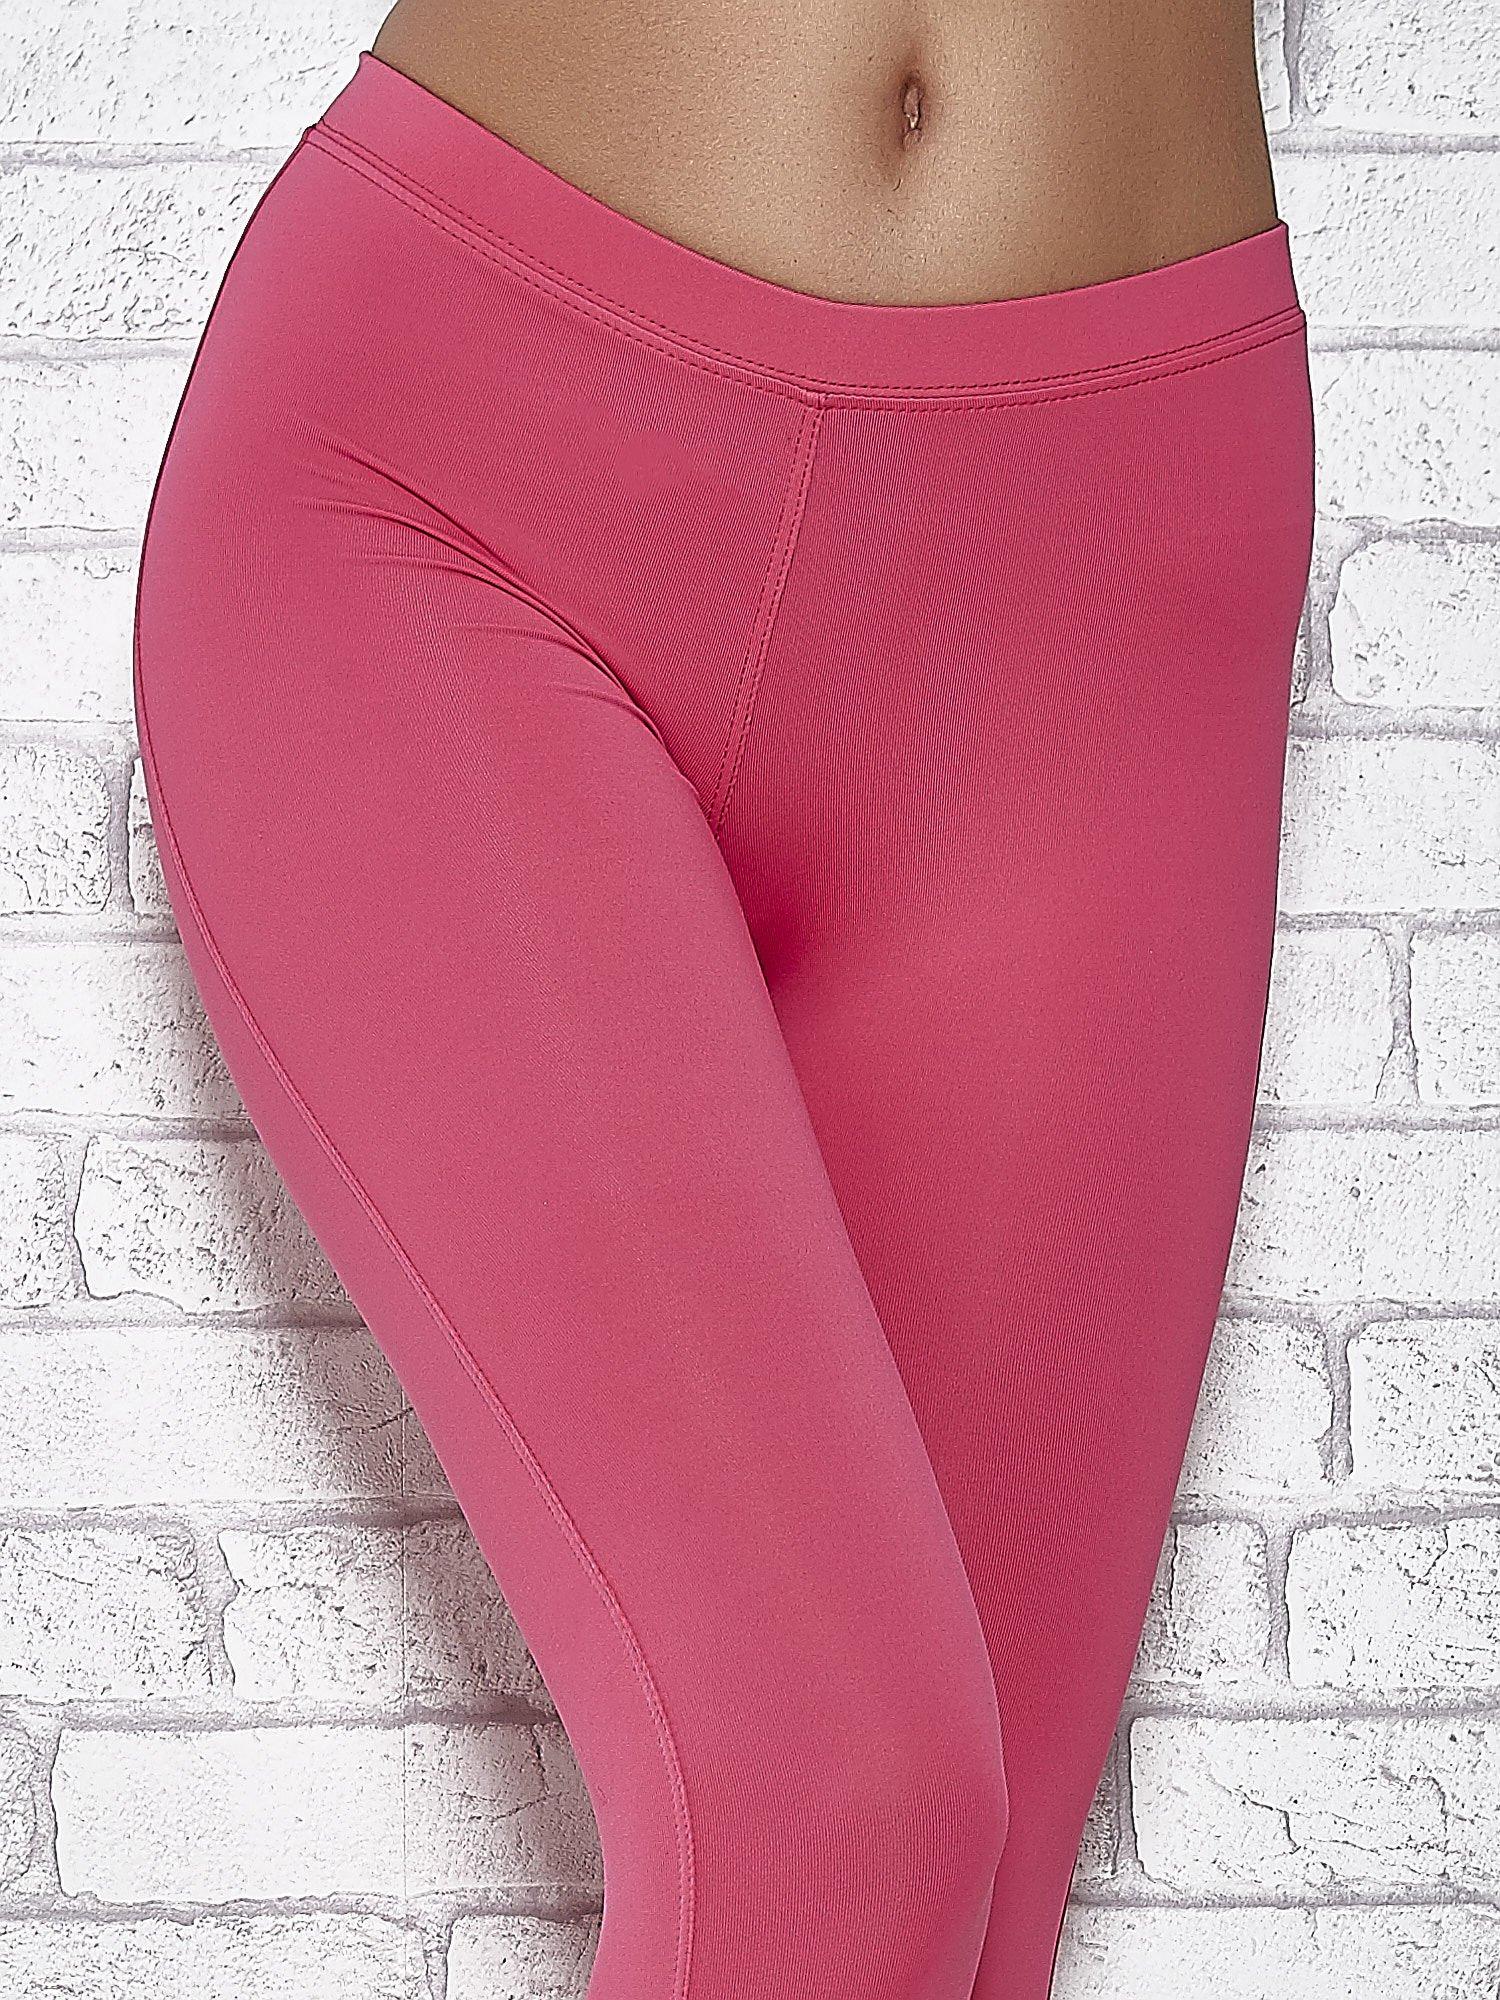 Różowe legginsy sportowe z dżetami na dole nogawki                                  zdj.                                  4